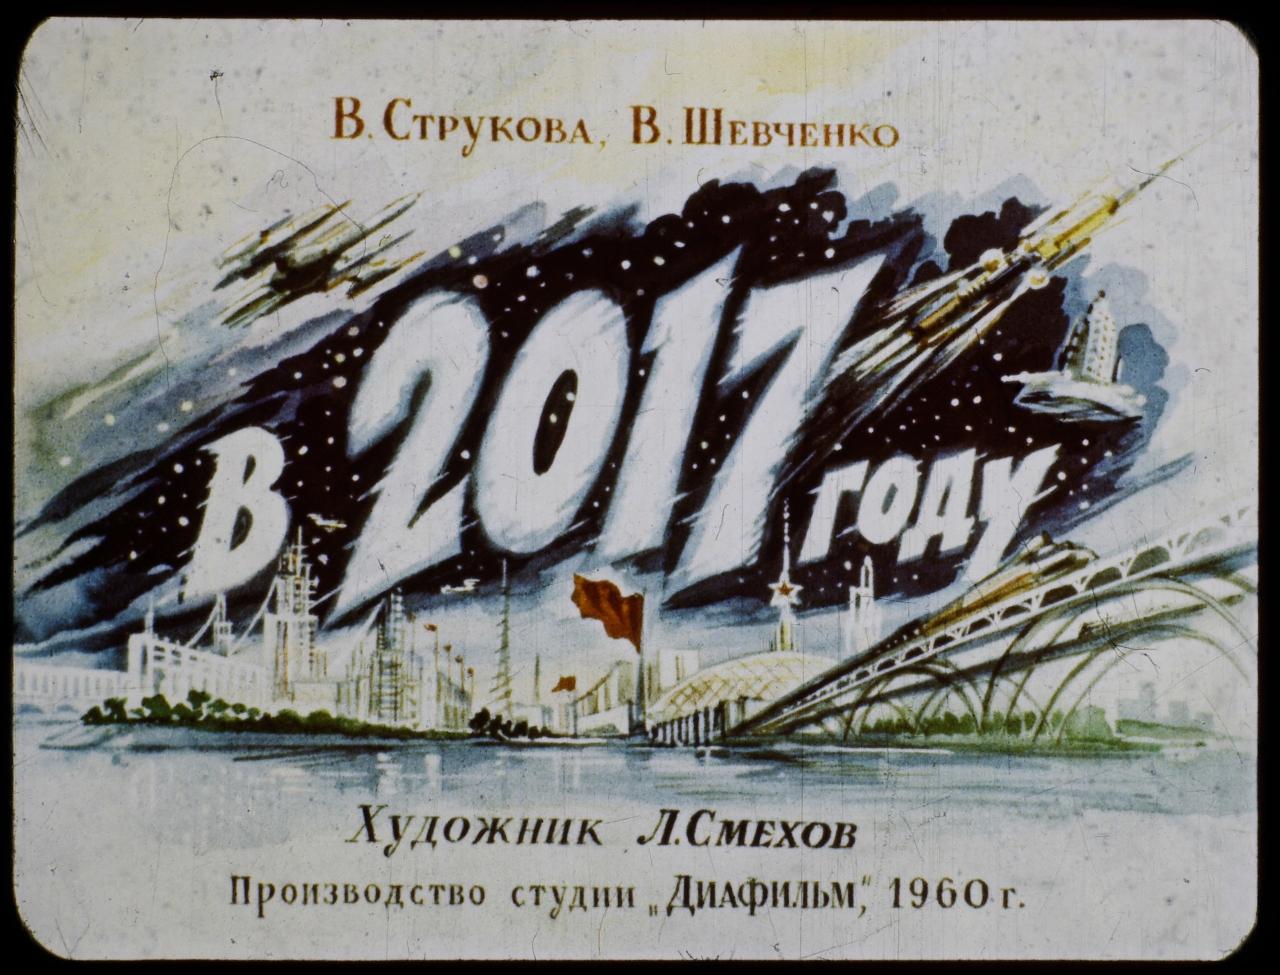 Как представляли 2017 год в СССР: диафильм 1